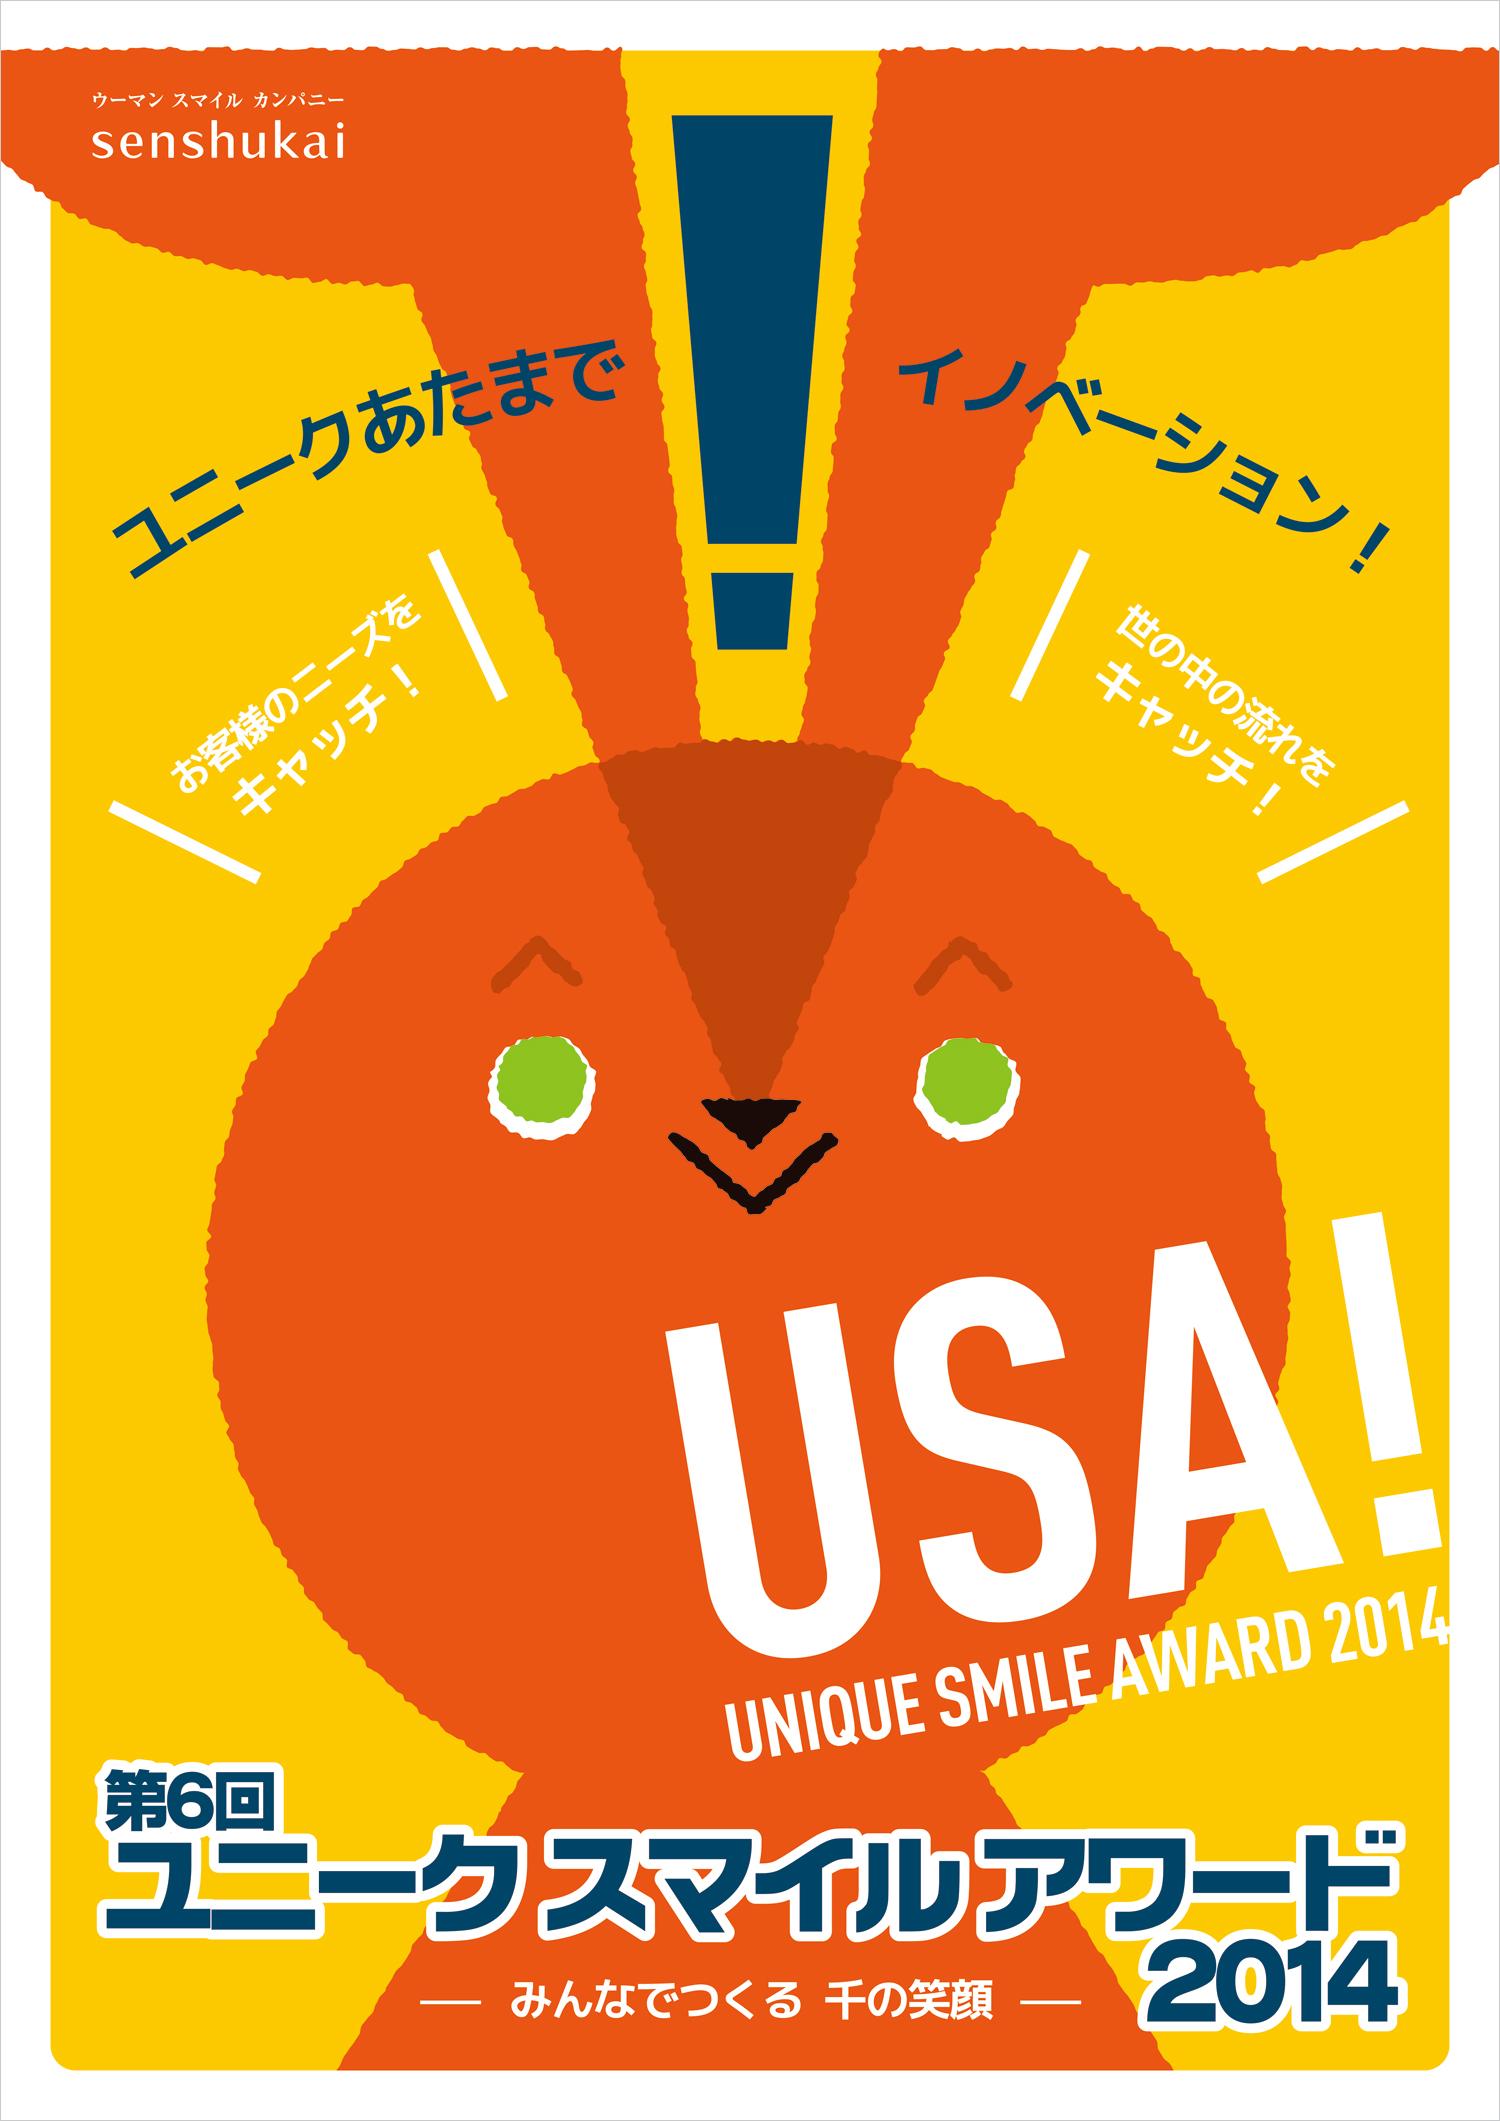 USA_poster_140228